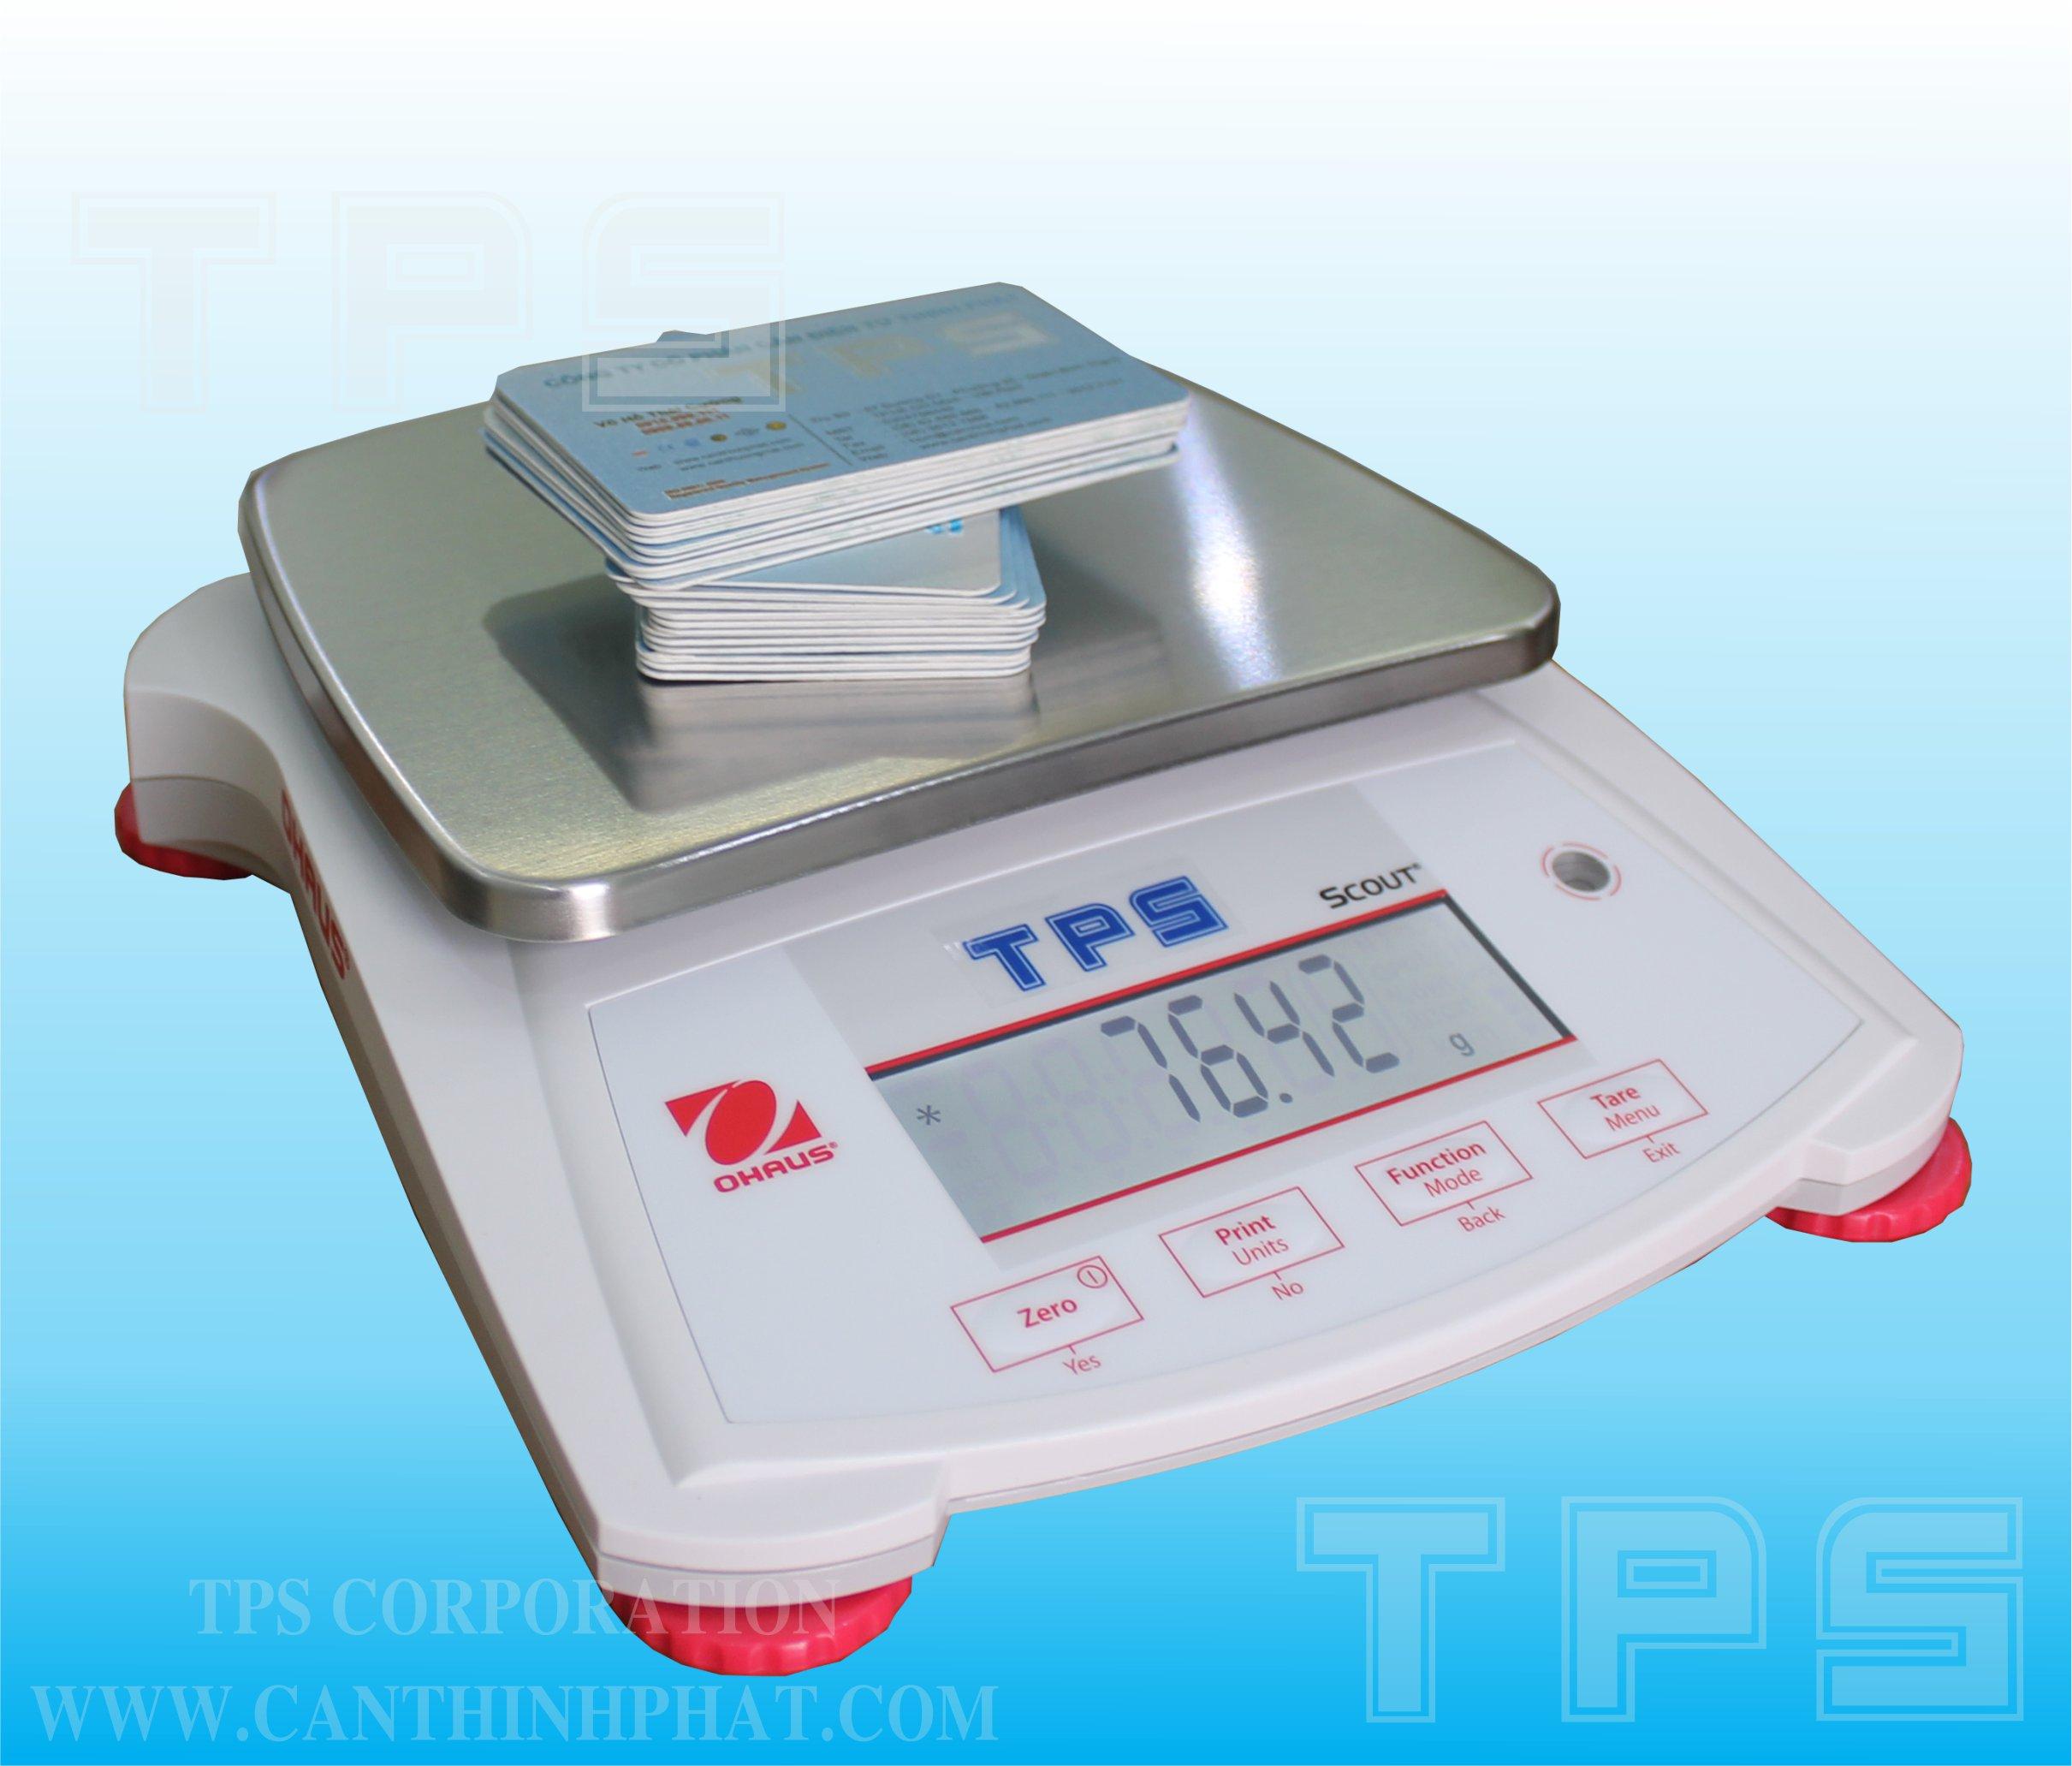 SPX2202-2200g/0.01g - 773